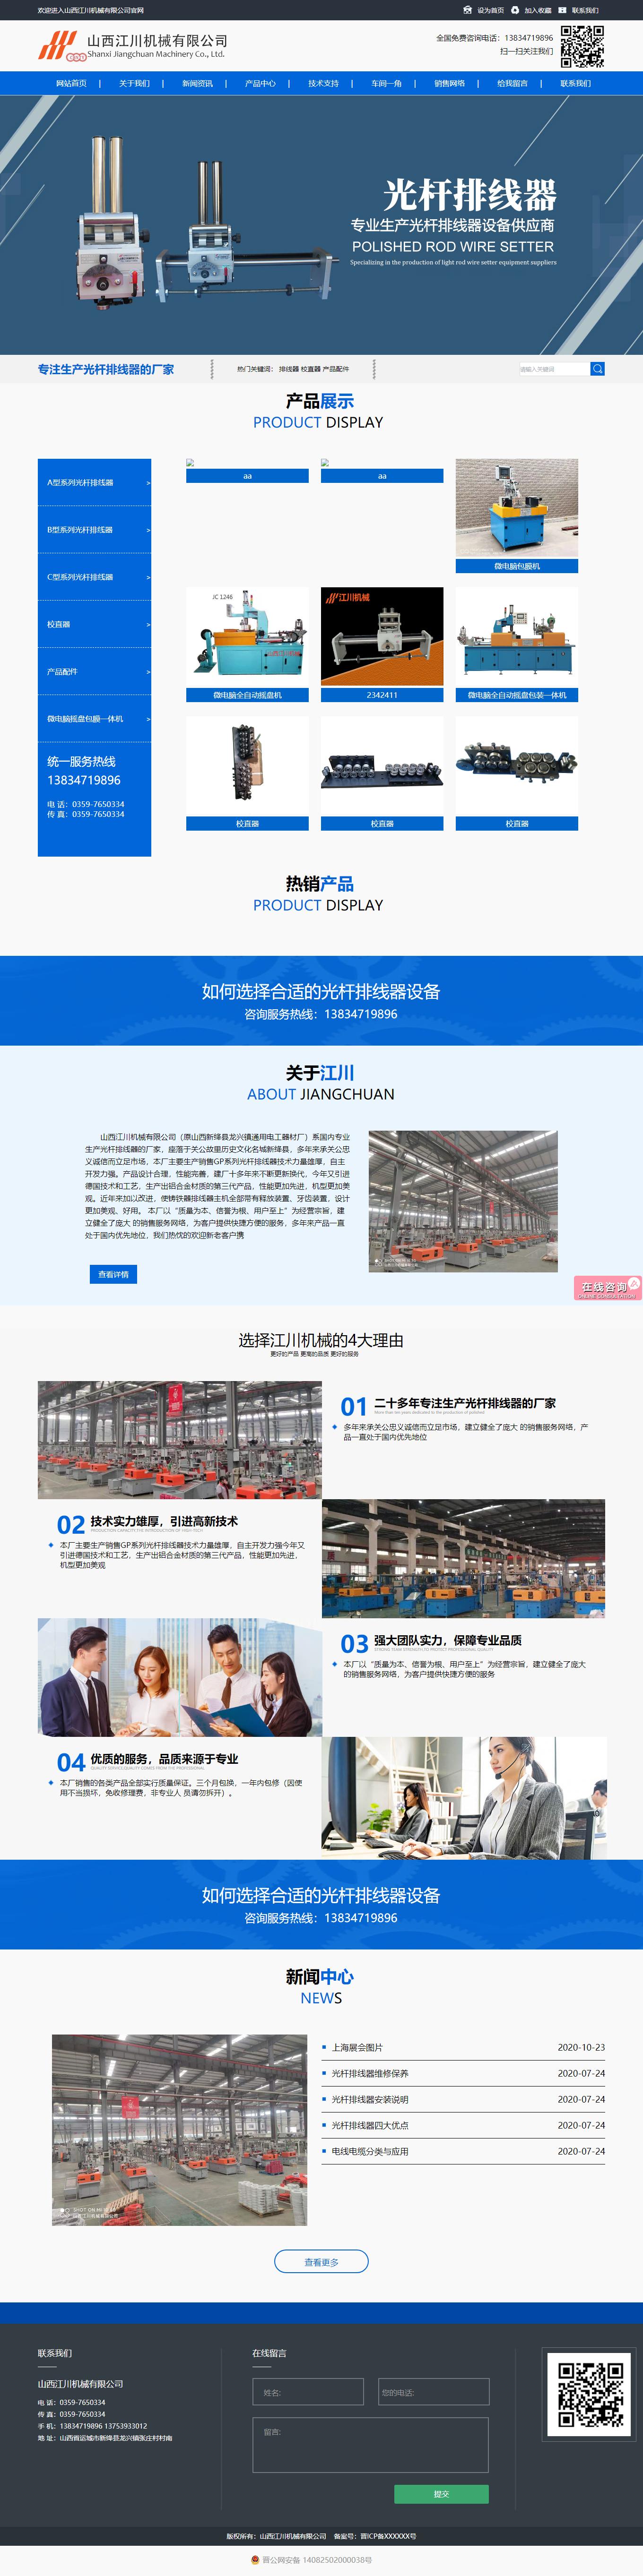 山西江川机械有限公司网站案例